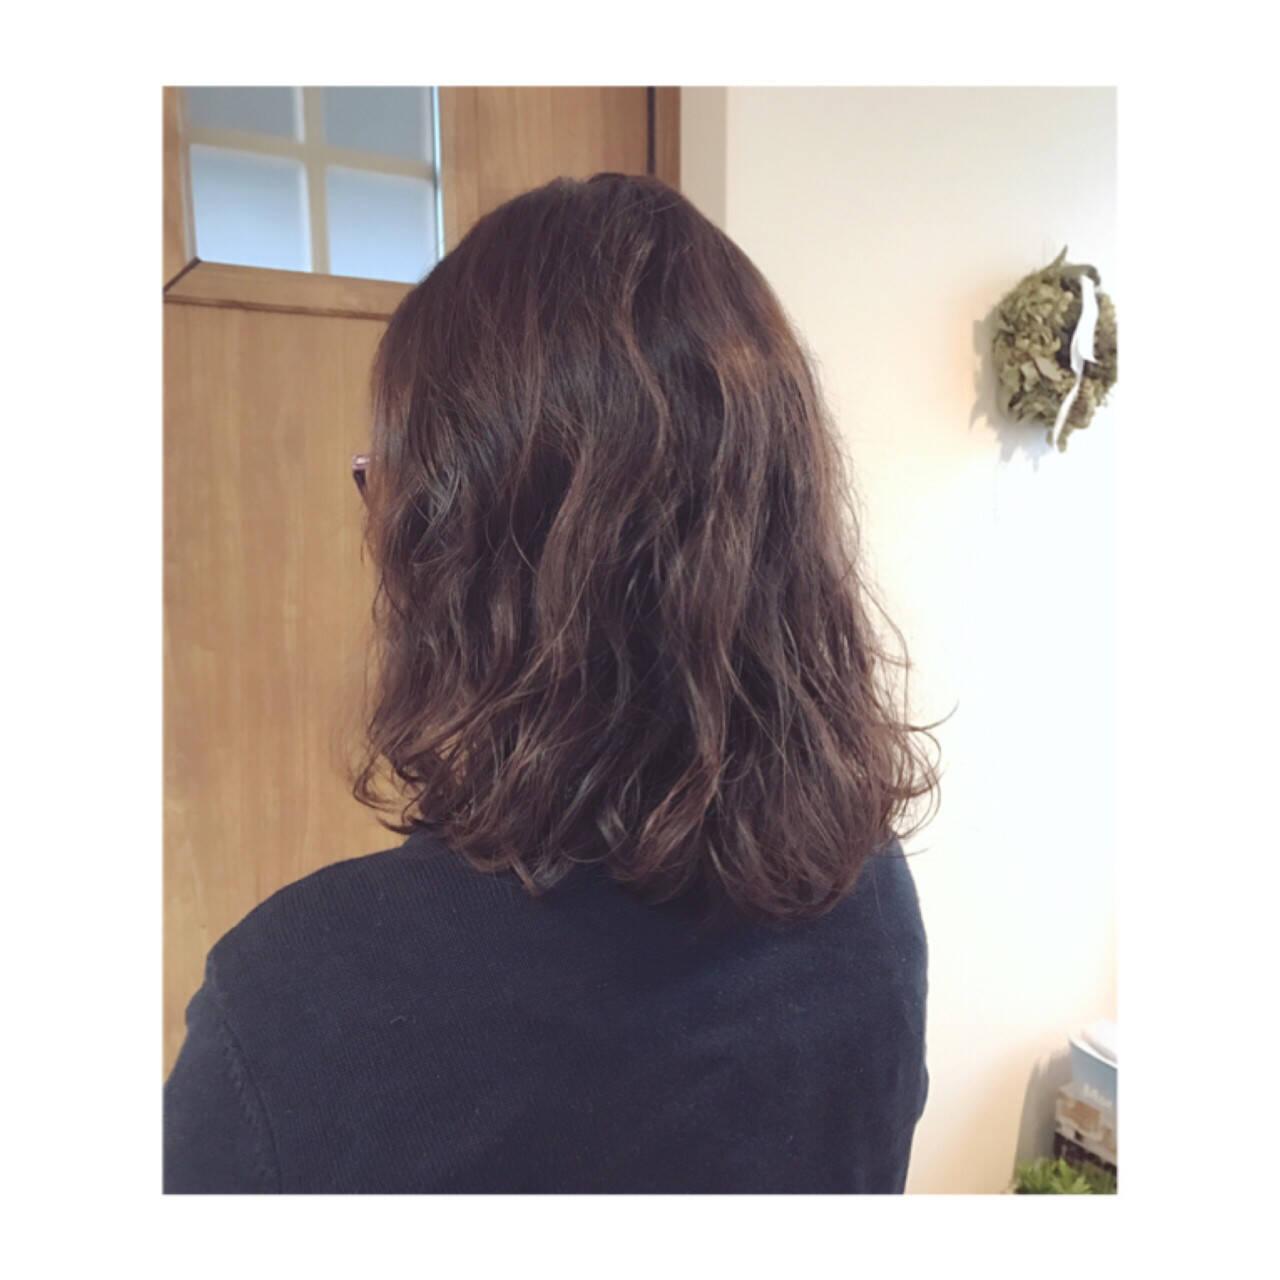 ミディアム パーマ ナチュラル ピンクブラウンヘアスタイルや髪型の写真・画像